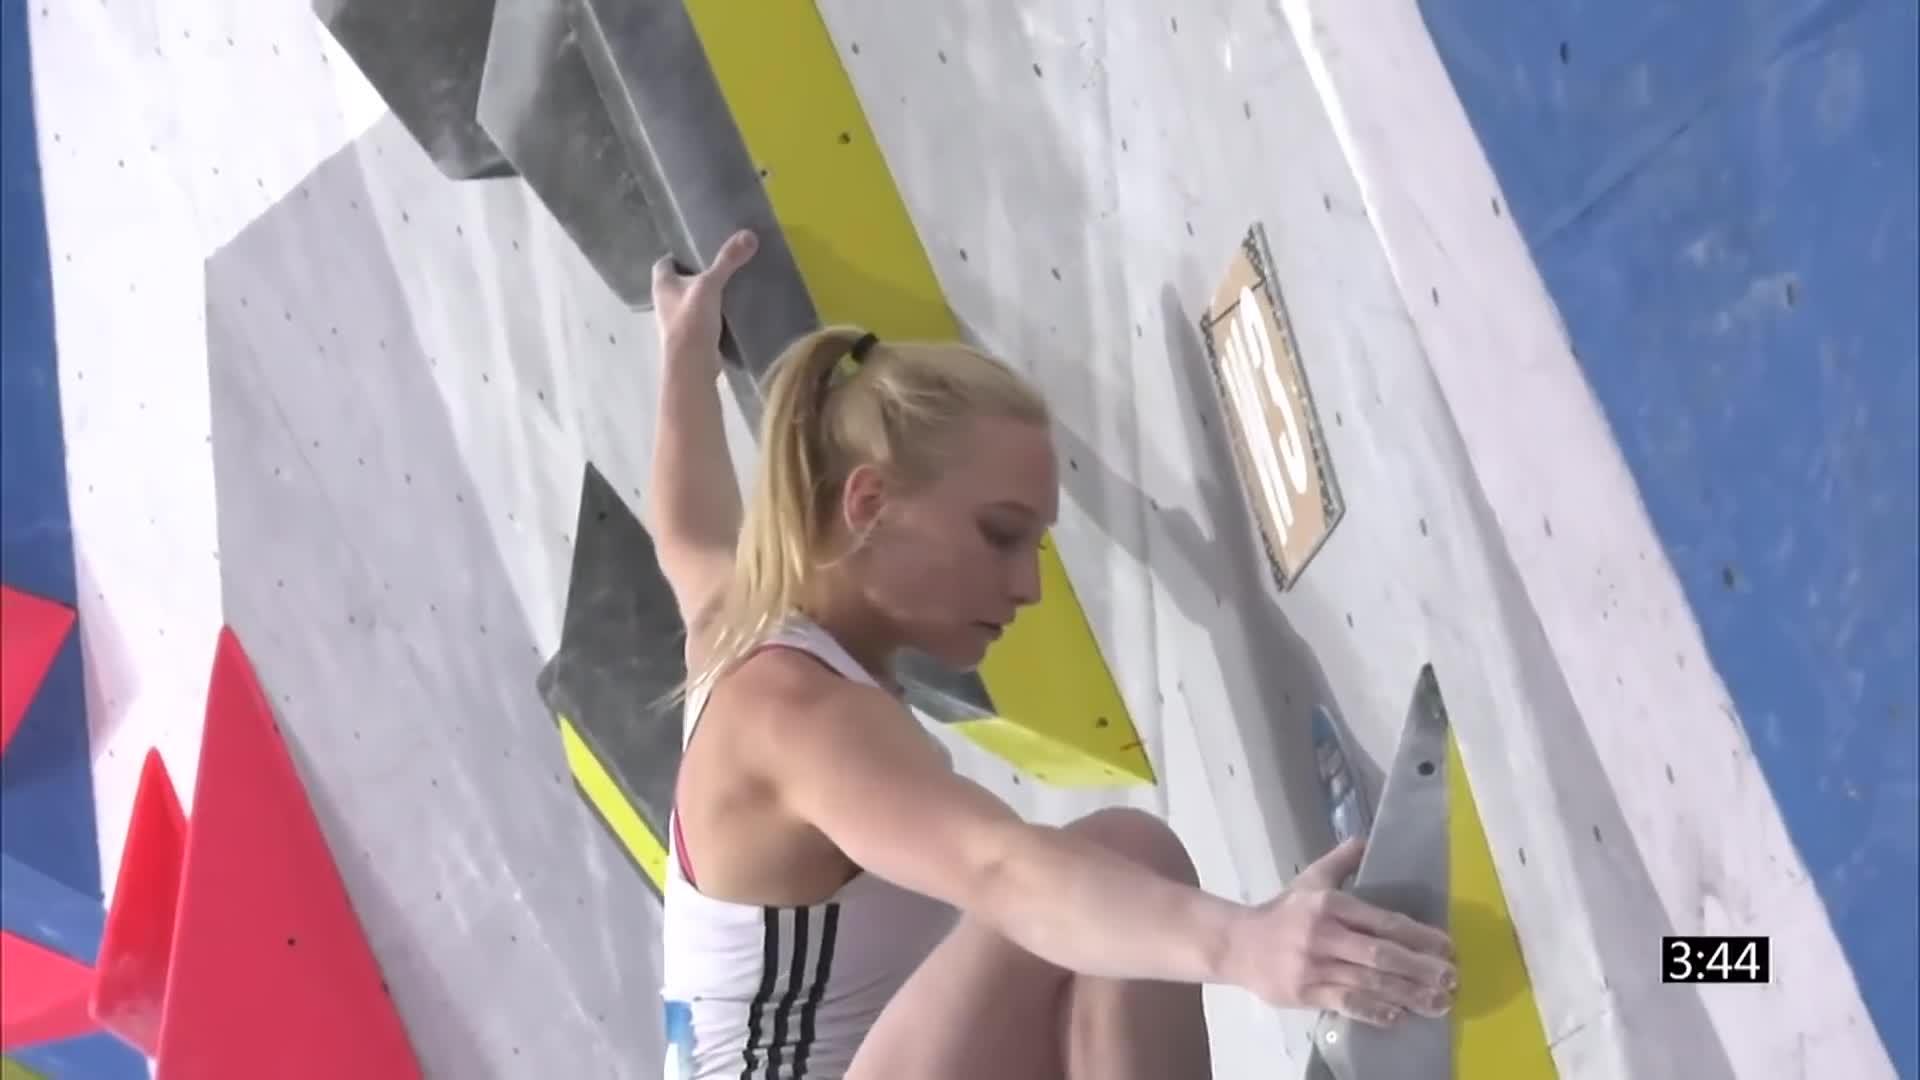 #IFSCwc, 2019, Climbing, Finals, IFSC, Sport, boulder, men, women, world cup, IFSC Climbing World Cup Wujiang 2019 - Bouldering Finals GIFs